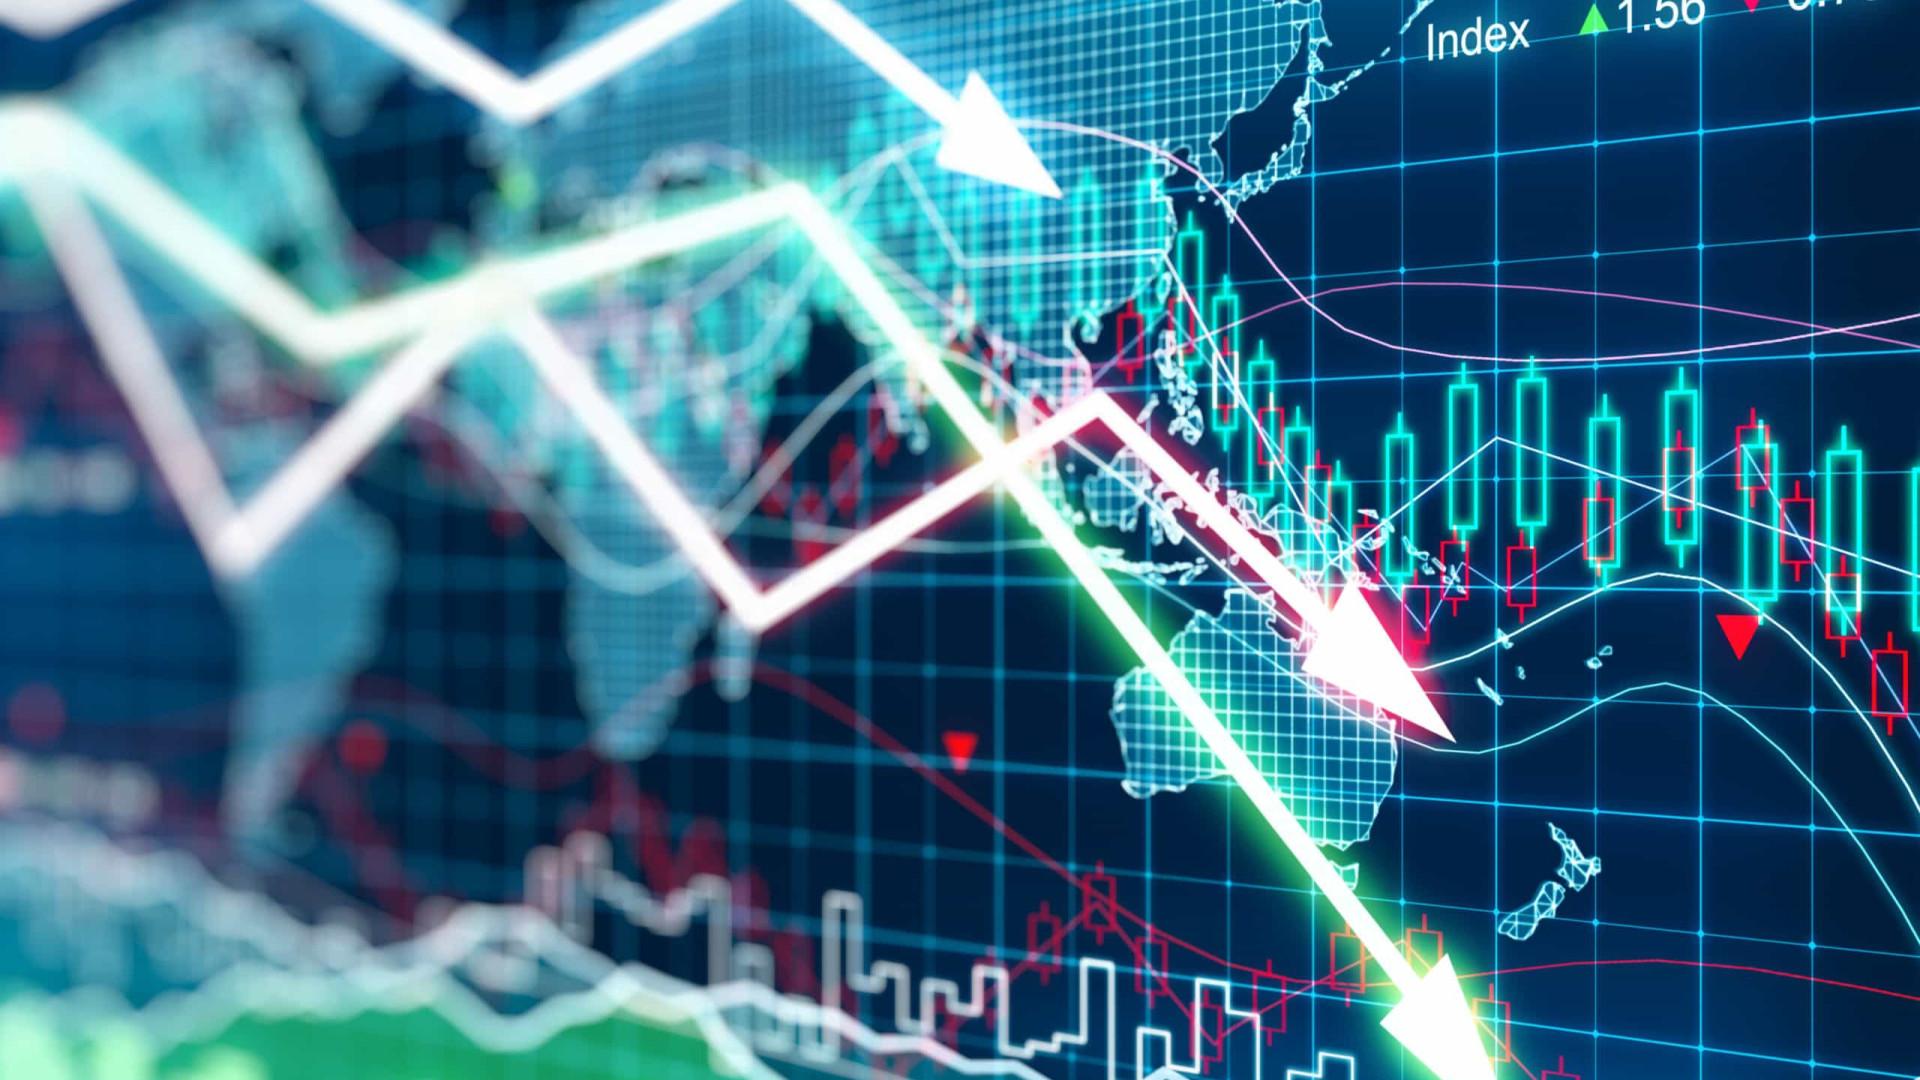 BC prevê queda de 6,4% na economia este ano